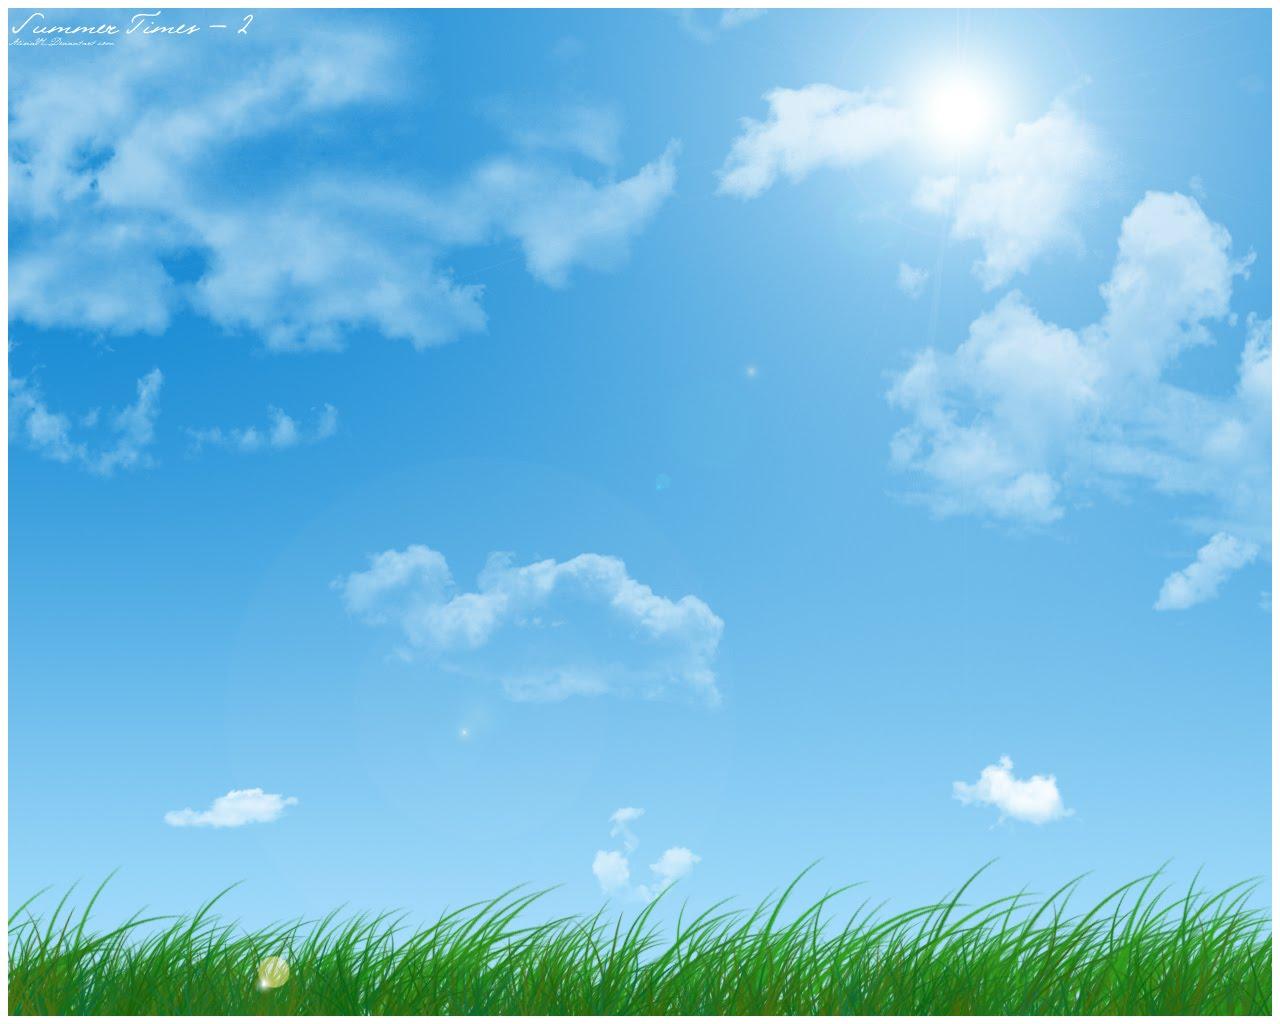 http://1.bp.blogspot.com/-4GlESRS5cMY/TX12nWL8tZI/AAAAAAAAADY/MIvyI_K6RyE/s1600/summer_times_by_pycc_wallpaper.jpg